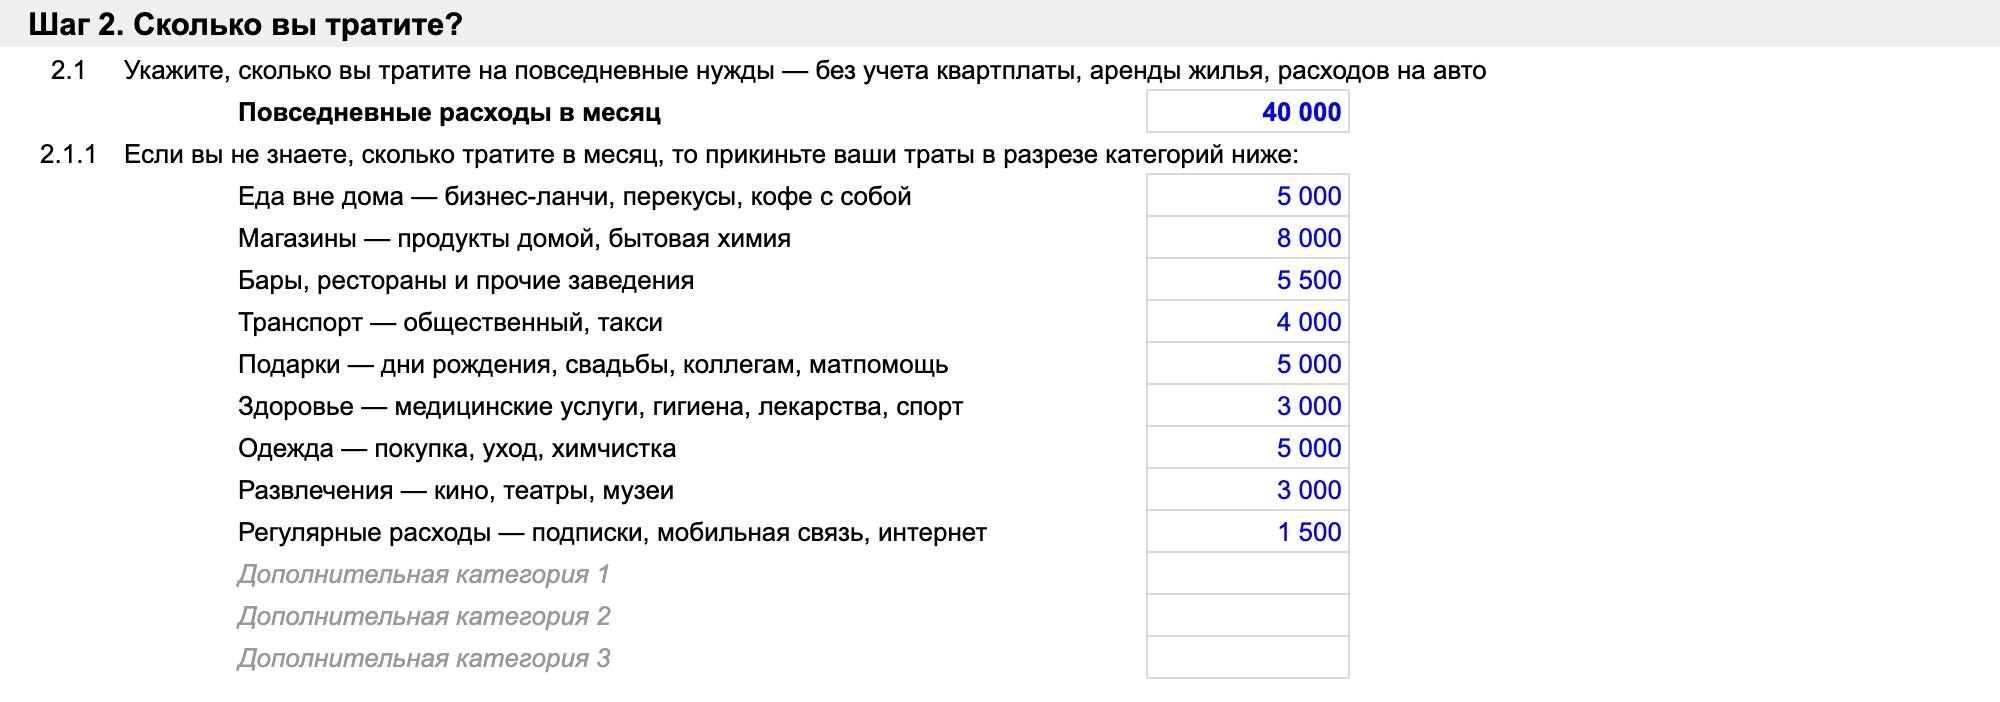 Чтобы прикинуть средний расход в месяц, укажите ваши затраты по категориям. В пункте2.1 таблица автоматически посчитает сумму этих трат